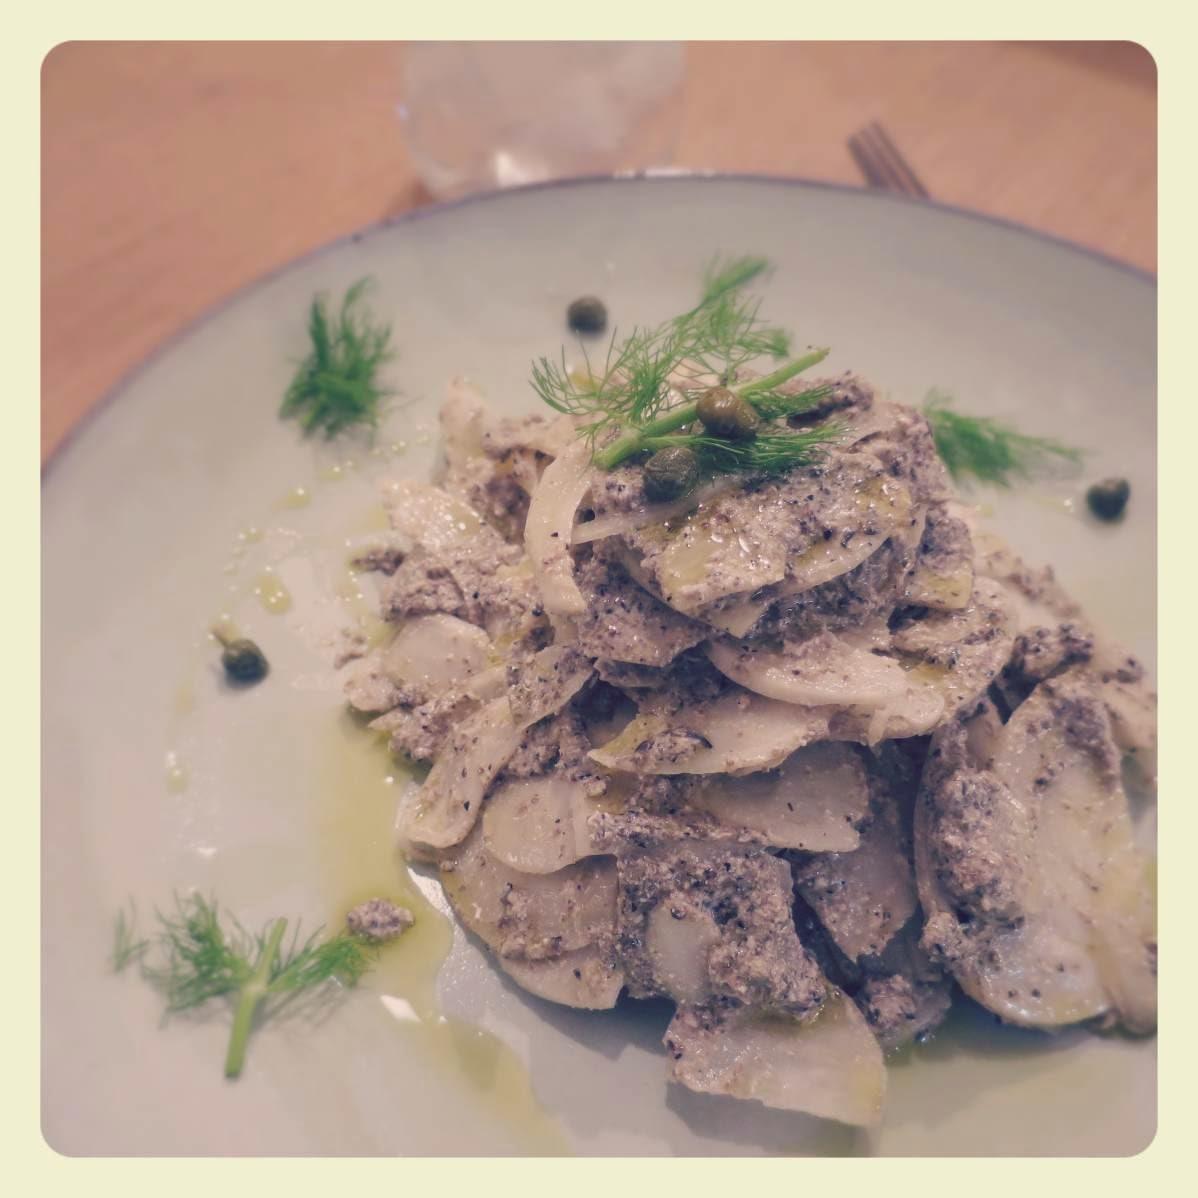 carpaccio di finocchi con olive nere, capperi e tofu